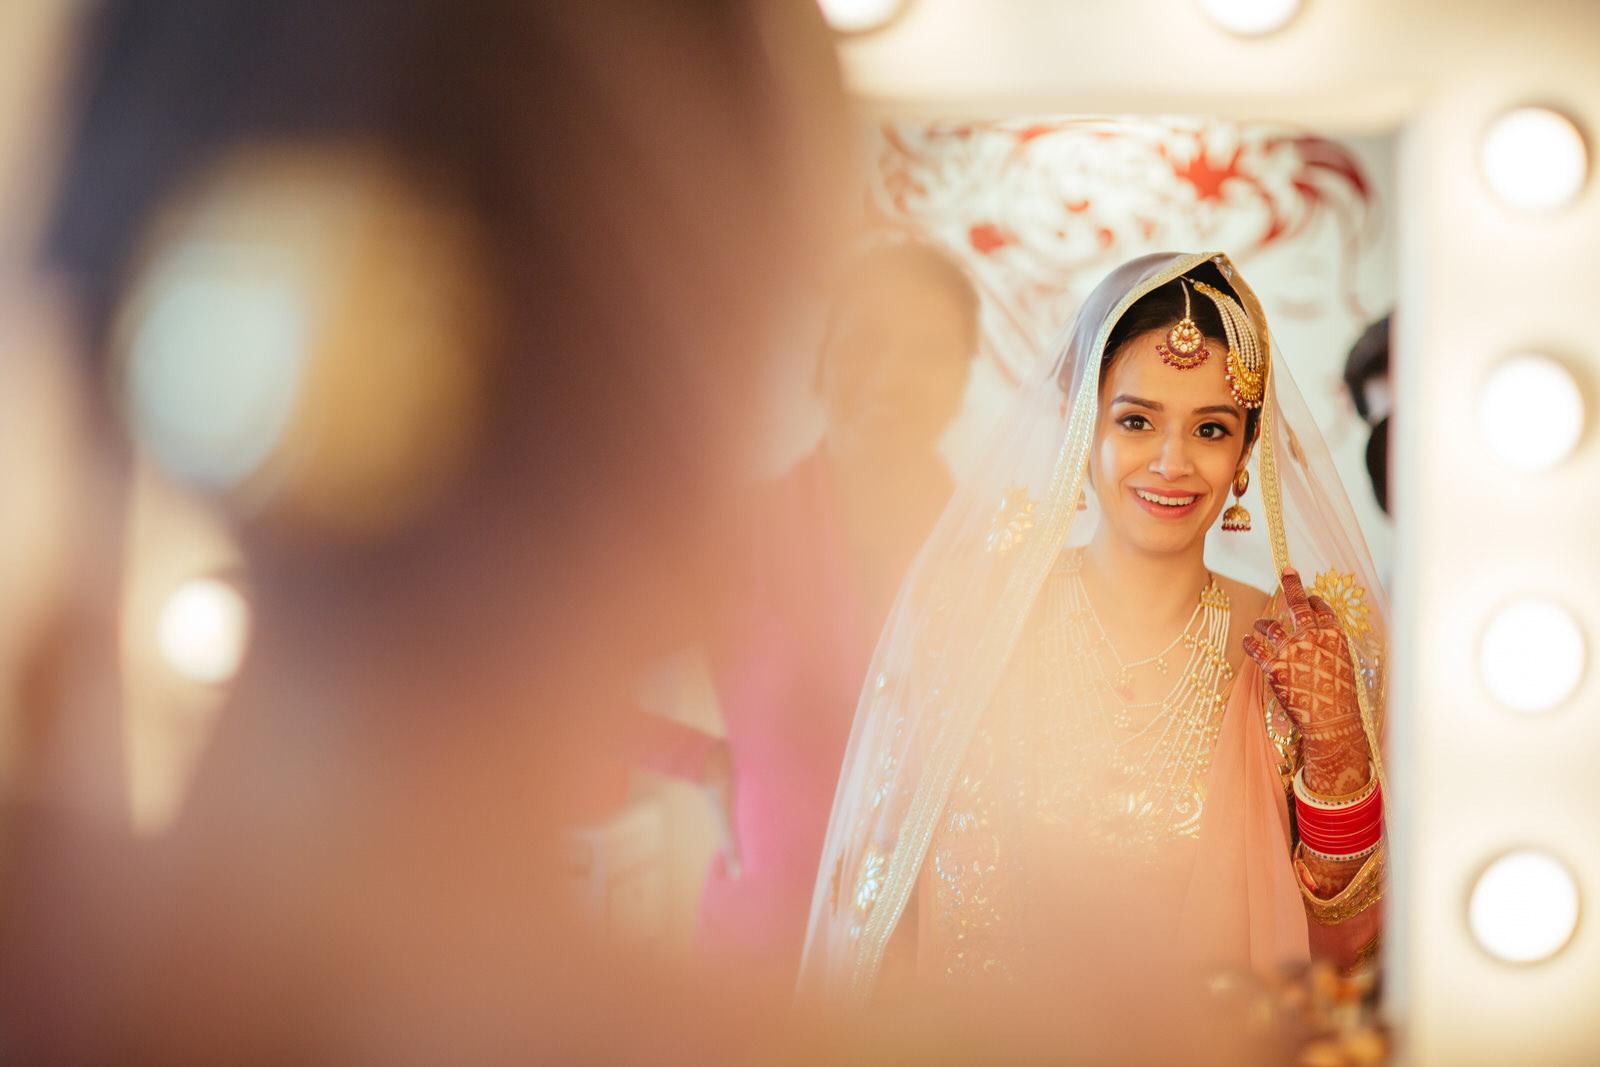 Sikh Wedding Day 1 - Camera 1-19.jpg